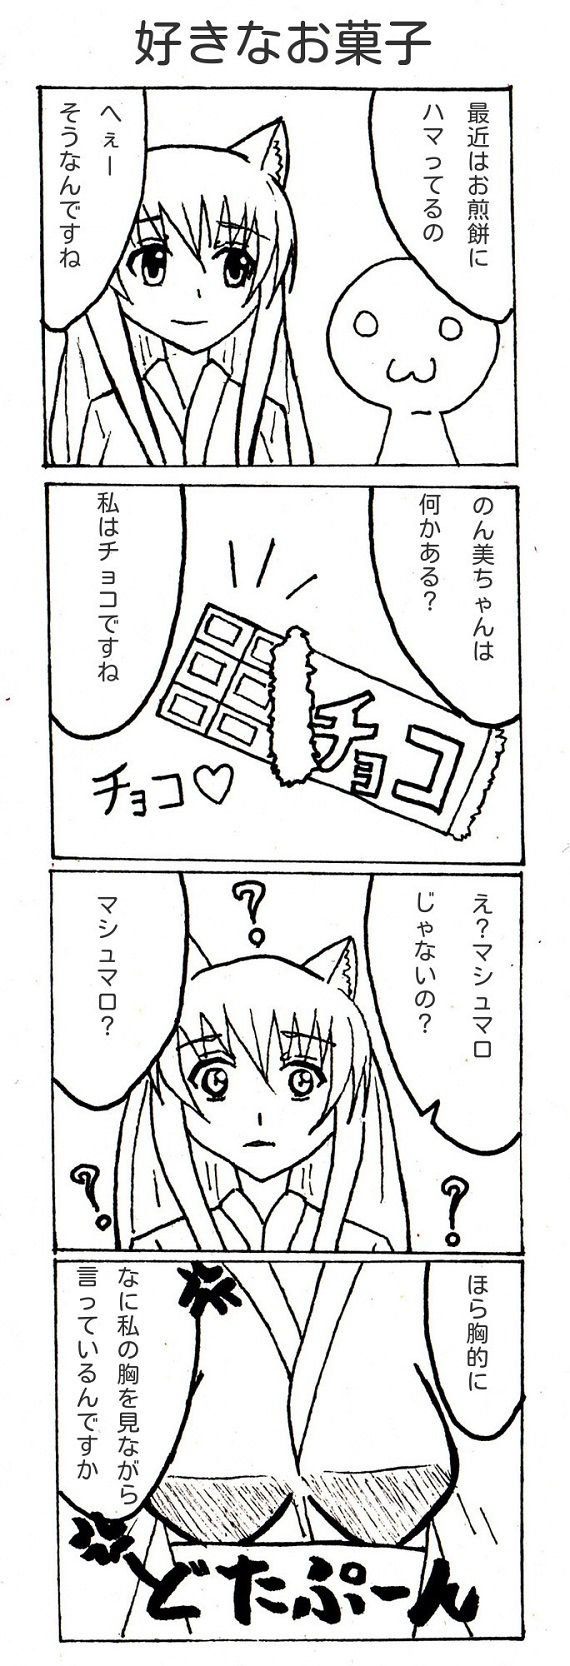 4コマ漫画 今日ものんびりと 2016/12/15